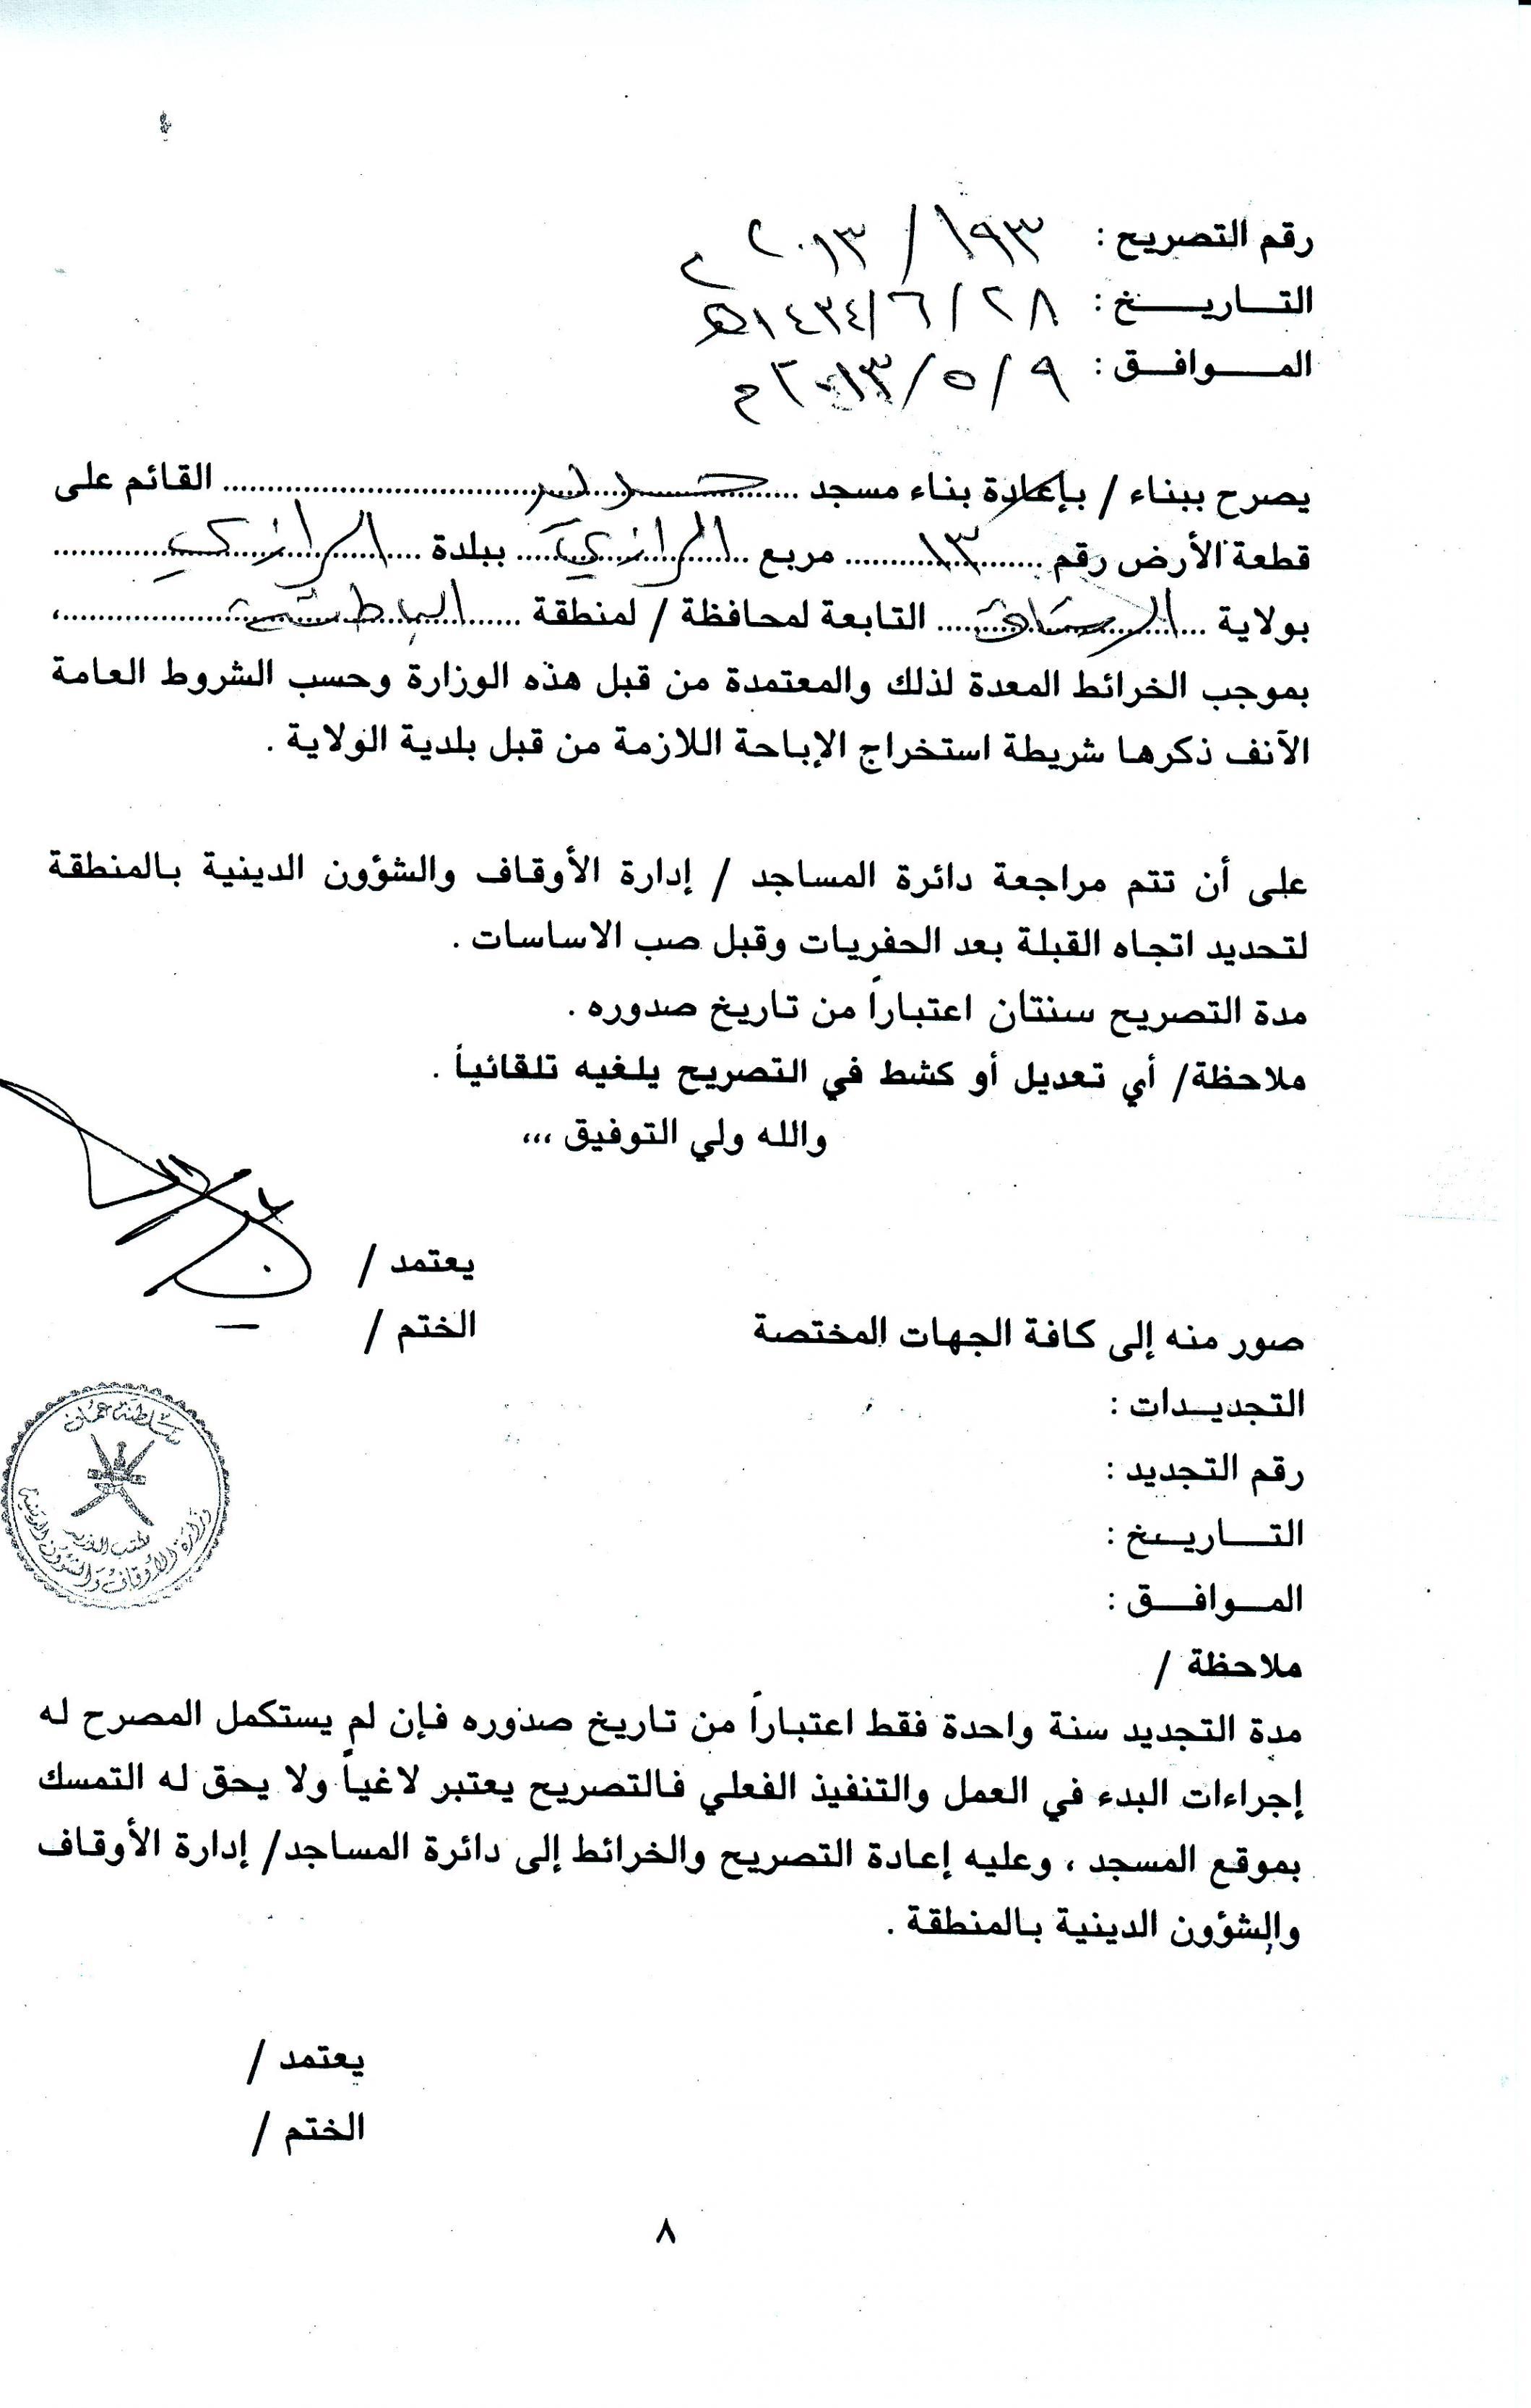 صورة رسالة طلب مساعدة مالية , رسائل فريدة عن طلب المساعدات المالية